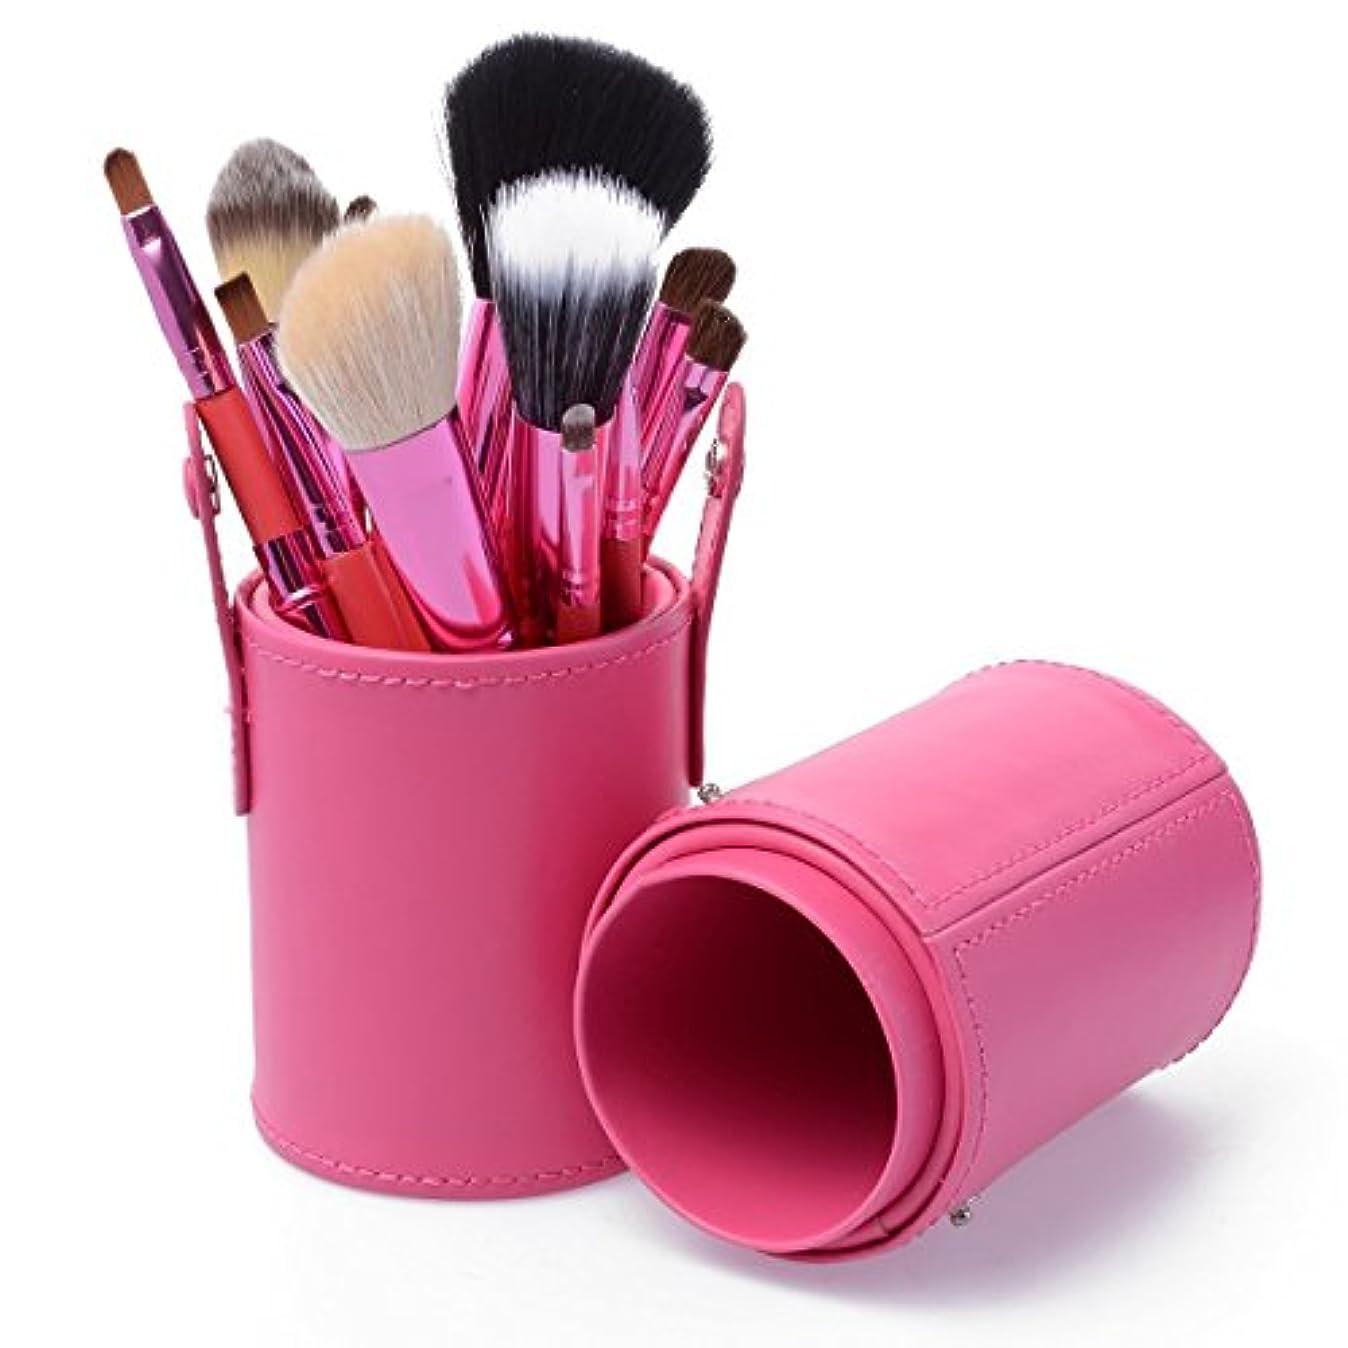 動機付ける縮れた短くするKanCai メイク ブラシ セット 12本 化粧ブラシ セット コスメ ブラシ 収納ケース付き (ピンク)